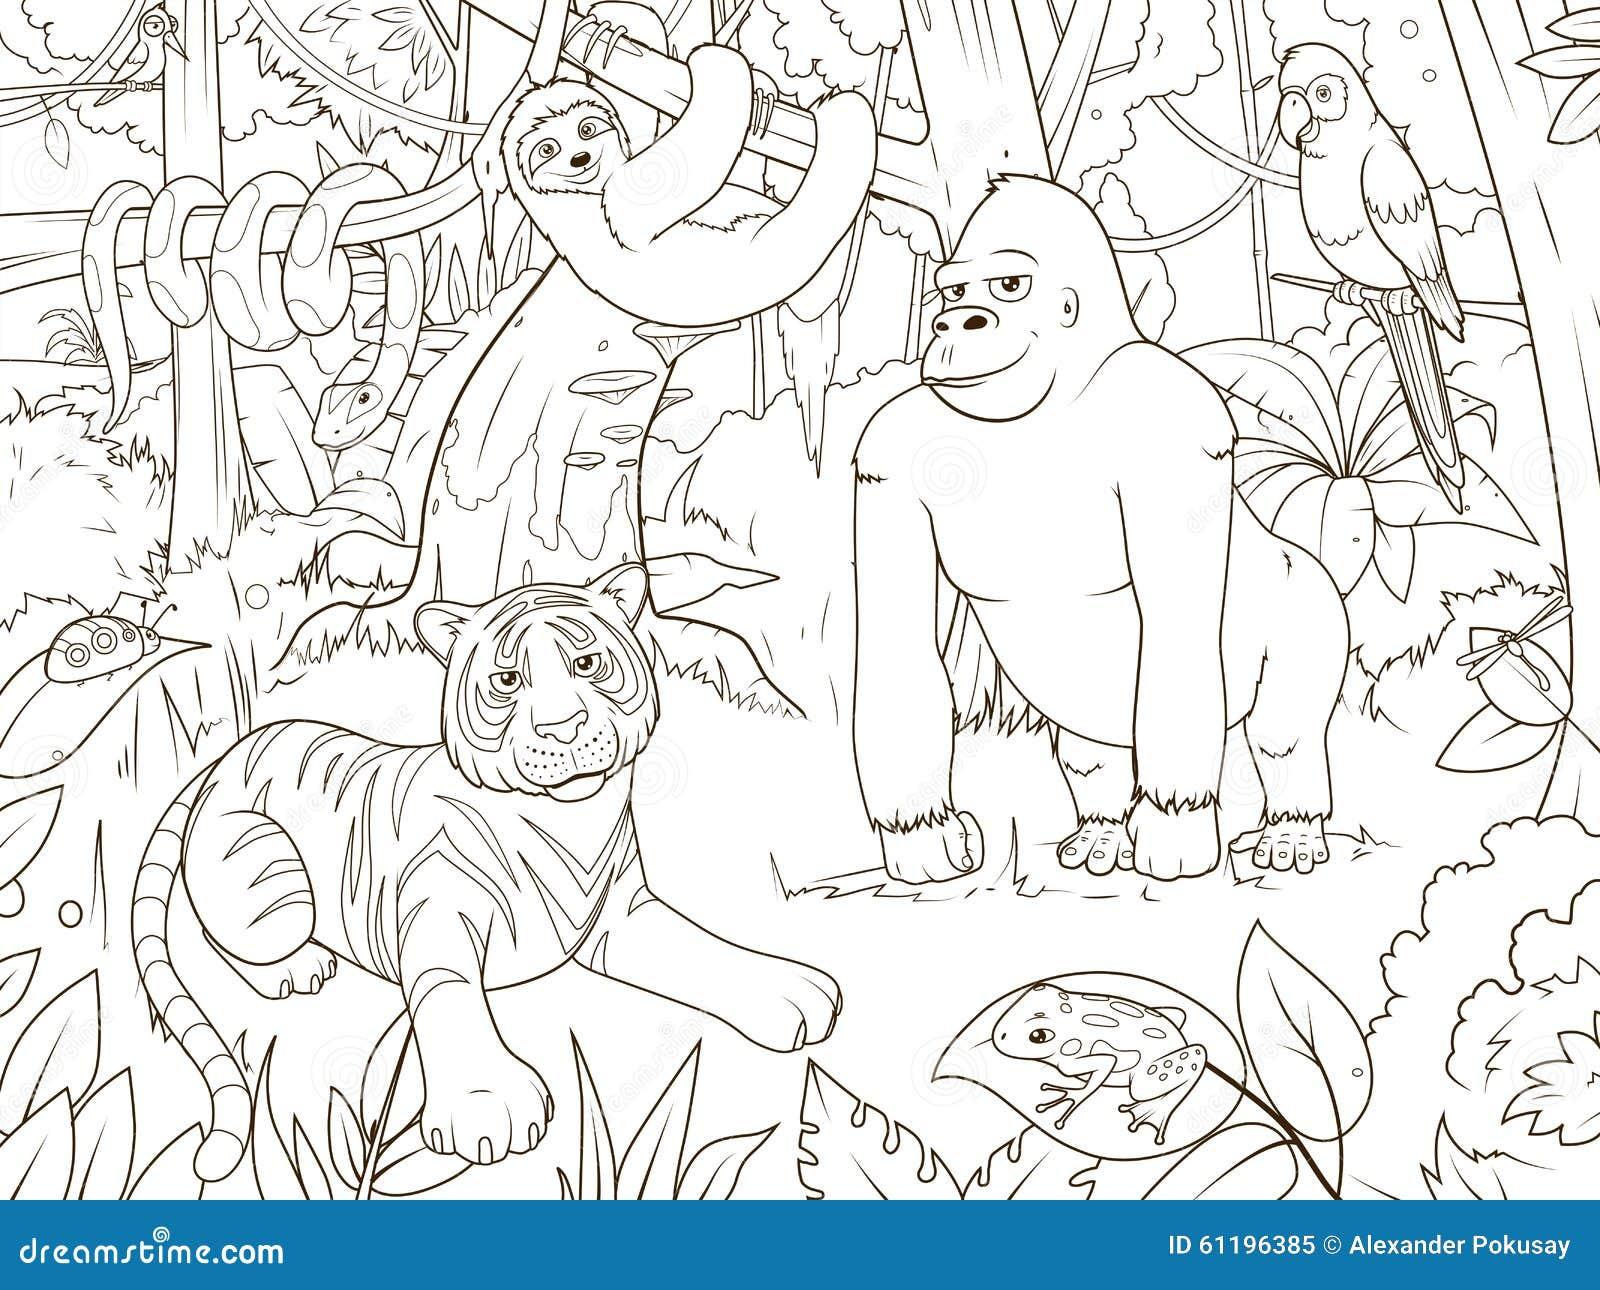 Disegni Foresta Africana Con Animali Da Colorare Migliori Pagine